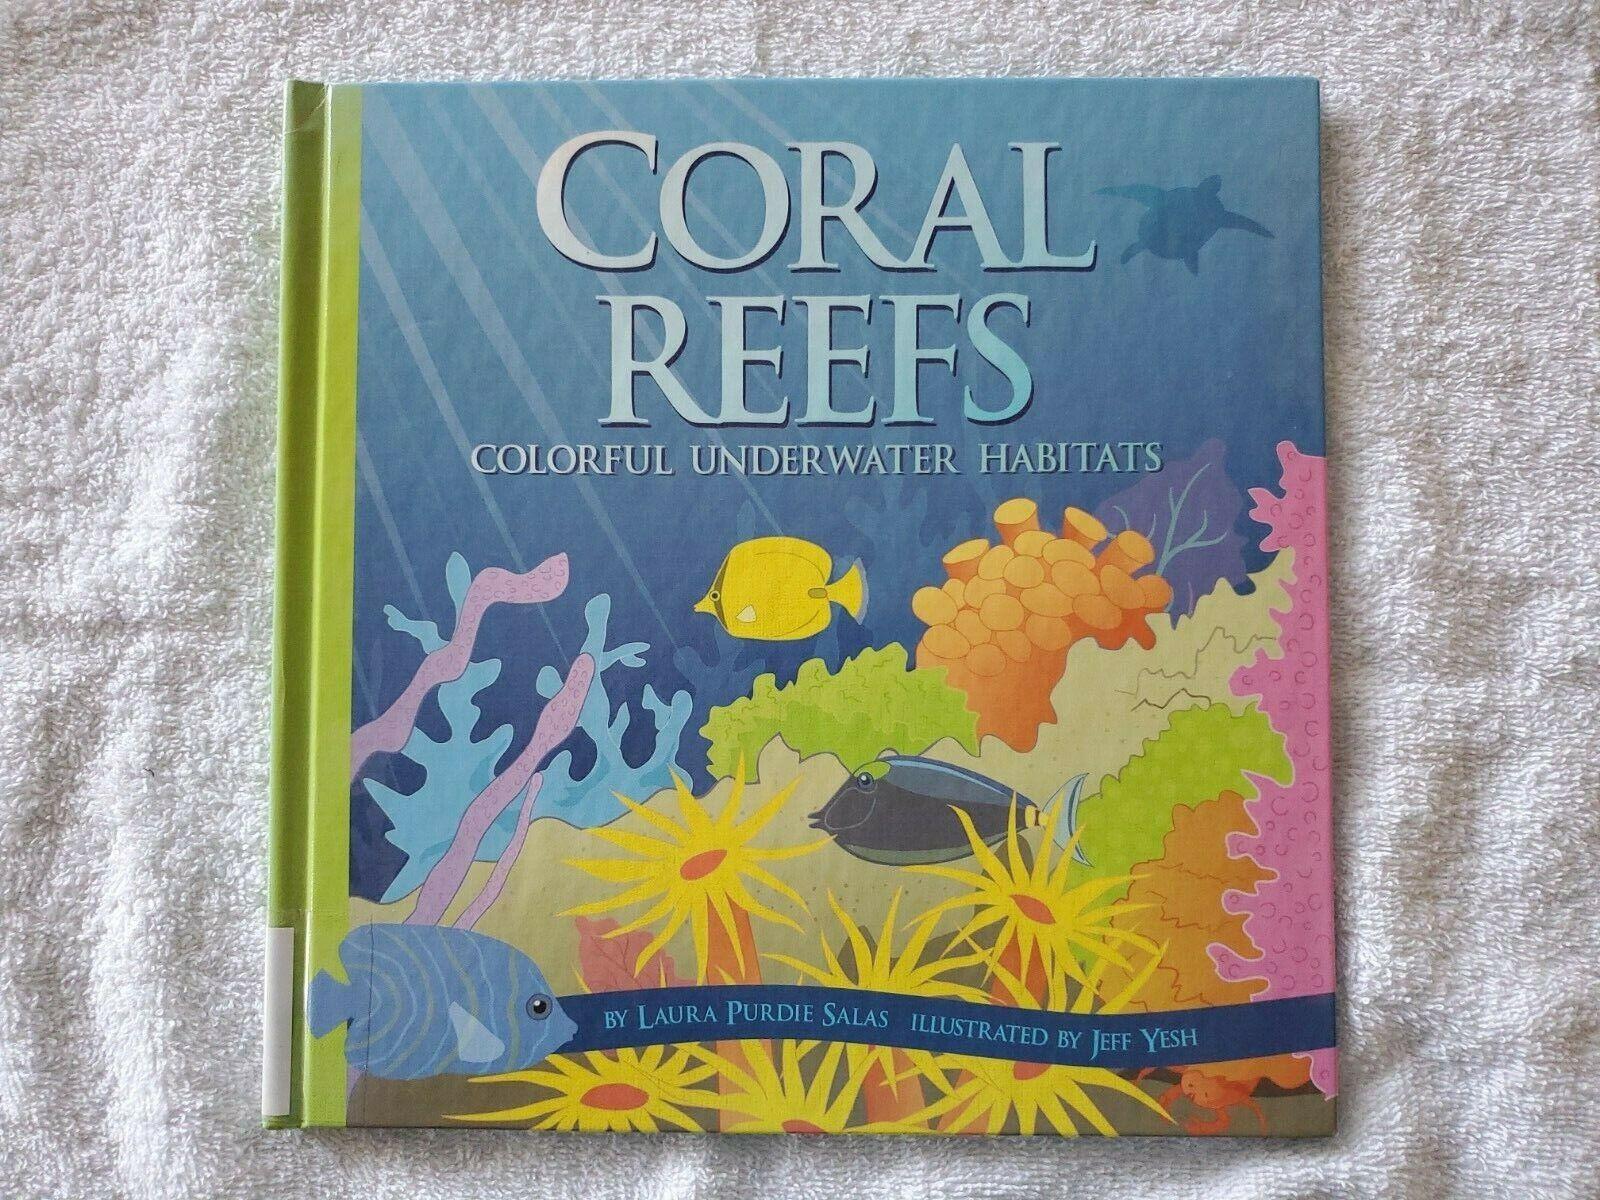 Coral Reefs Colorful Underwater Habitats By Laura Purdie Salas Hardcover  - $1.69